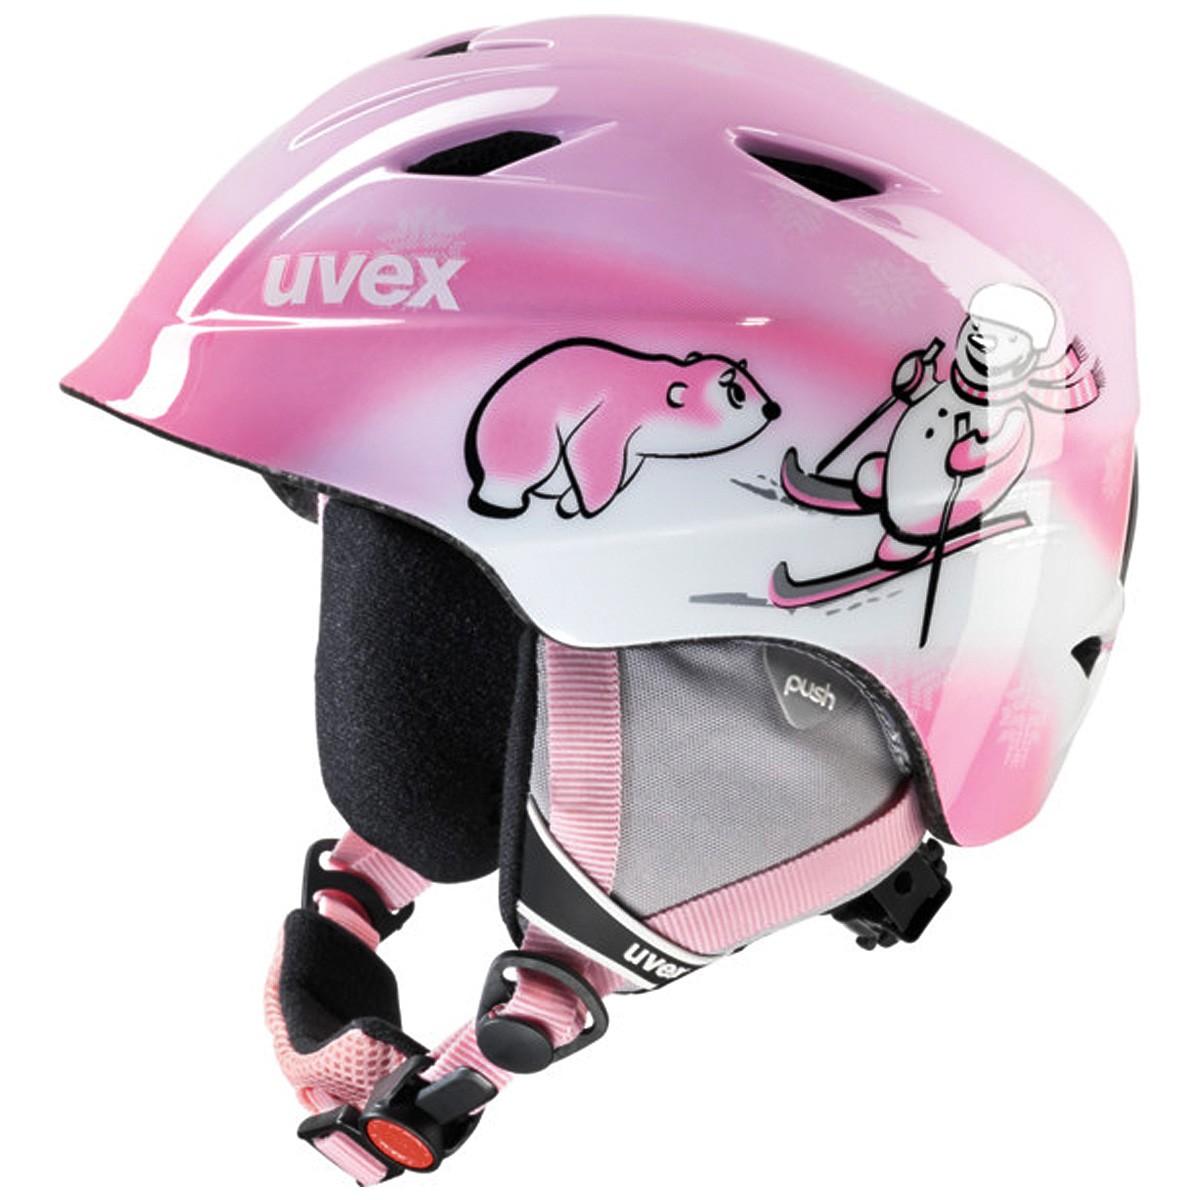 Casco sci Uvex Airwing 2 (Colore: rosa, Taglia: 48/52)